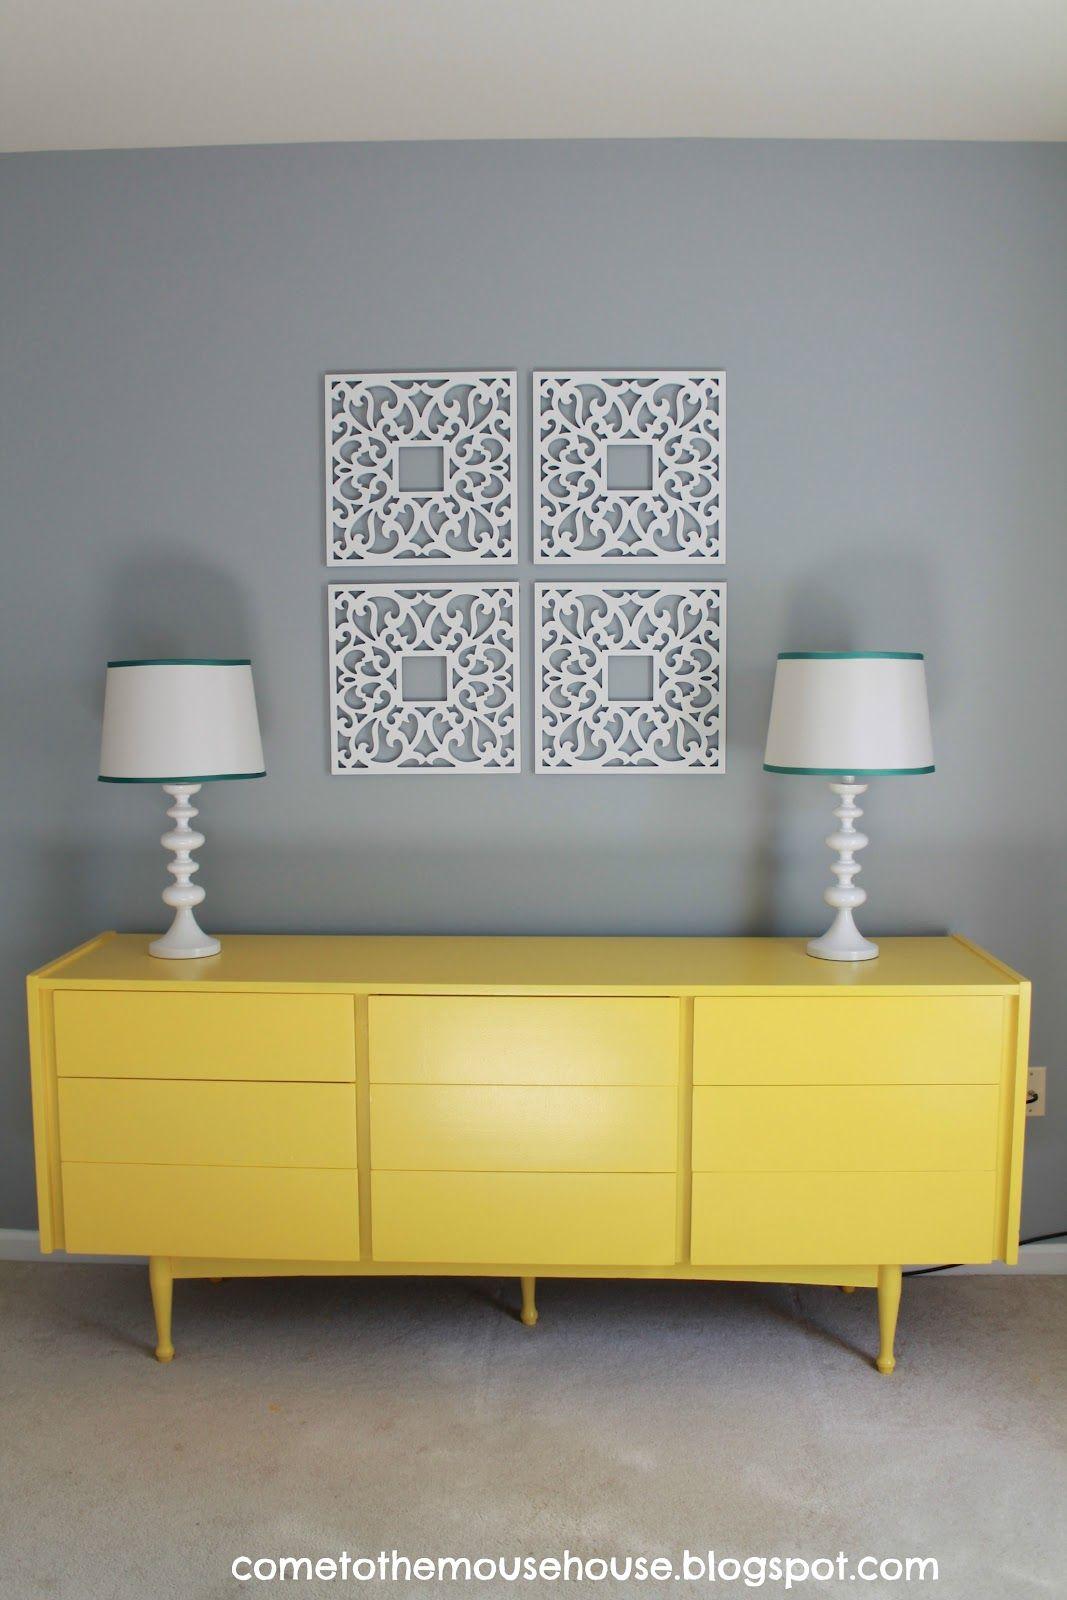 Gray and Yellow Playroom: The Reveal | Yellow playroom, Playrooms ...